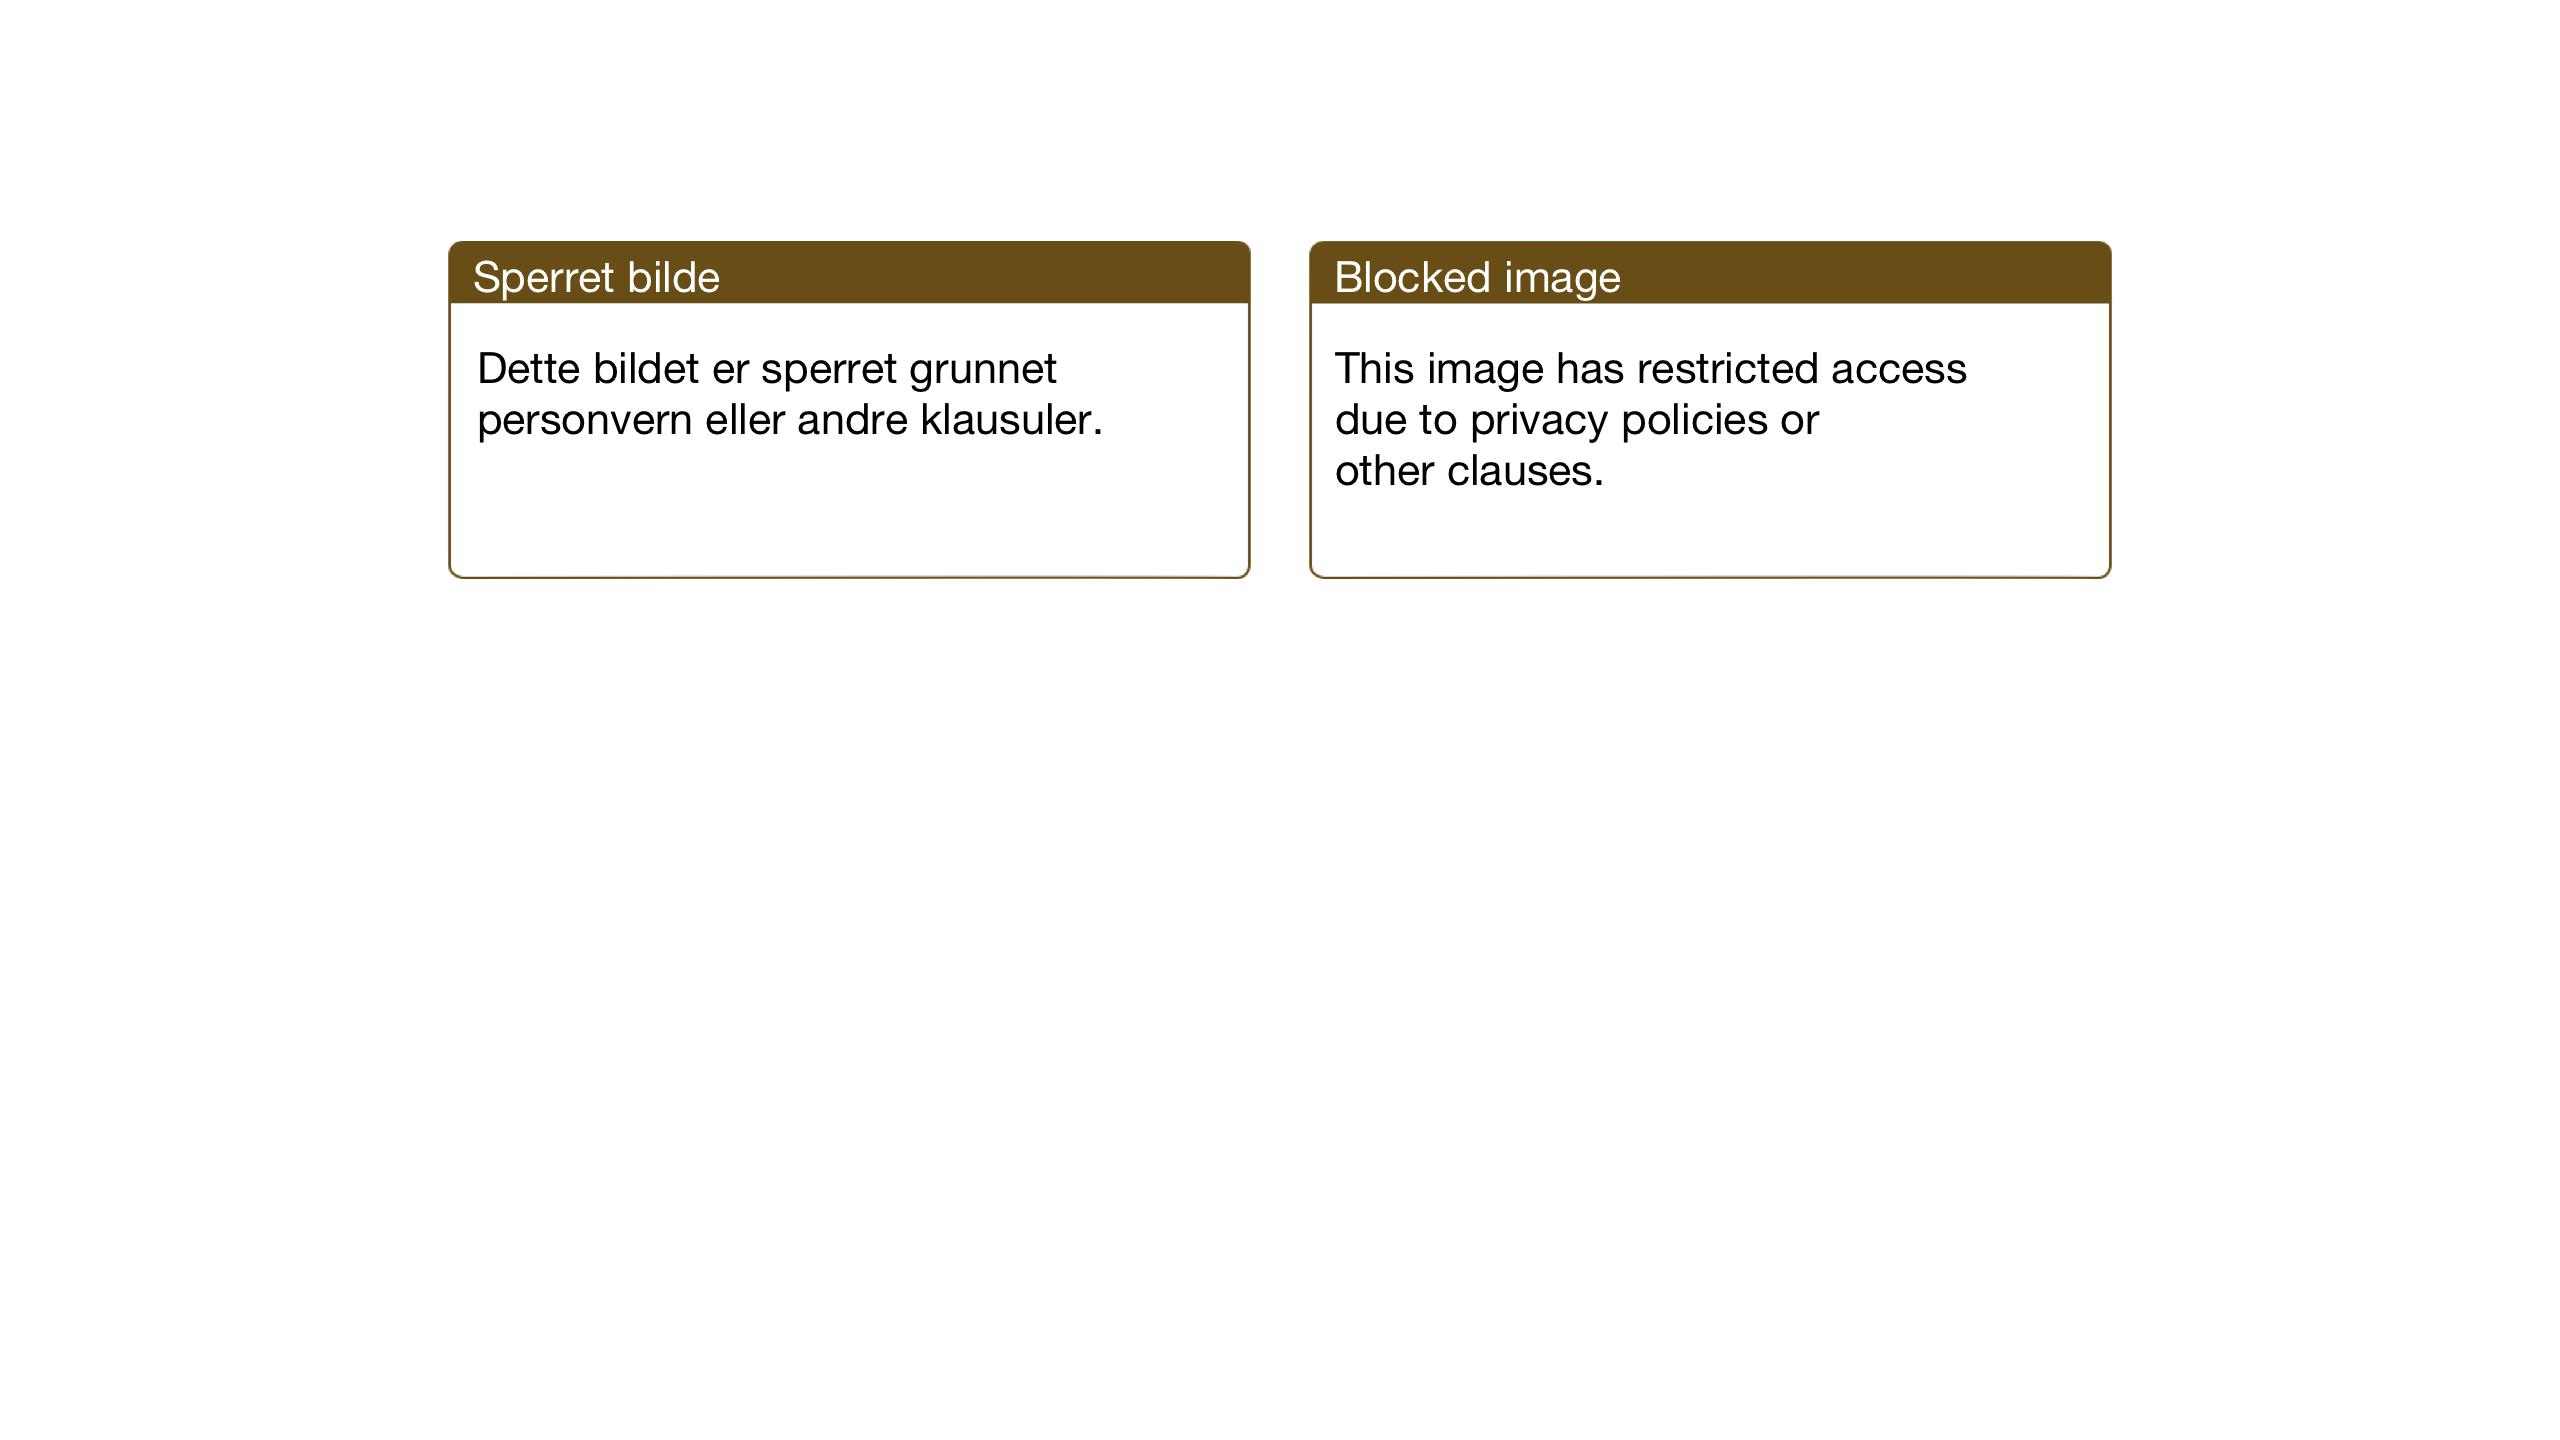 SAT, Ministerialprotokoller, klokkerbøker og fødselsregistre - Sør-Trøndelag, 686/L0986: Klokkerbok nr. 686C02, 1933-1950, s. 193